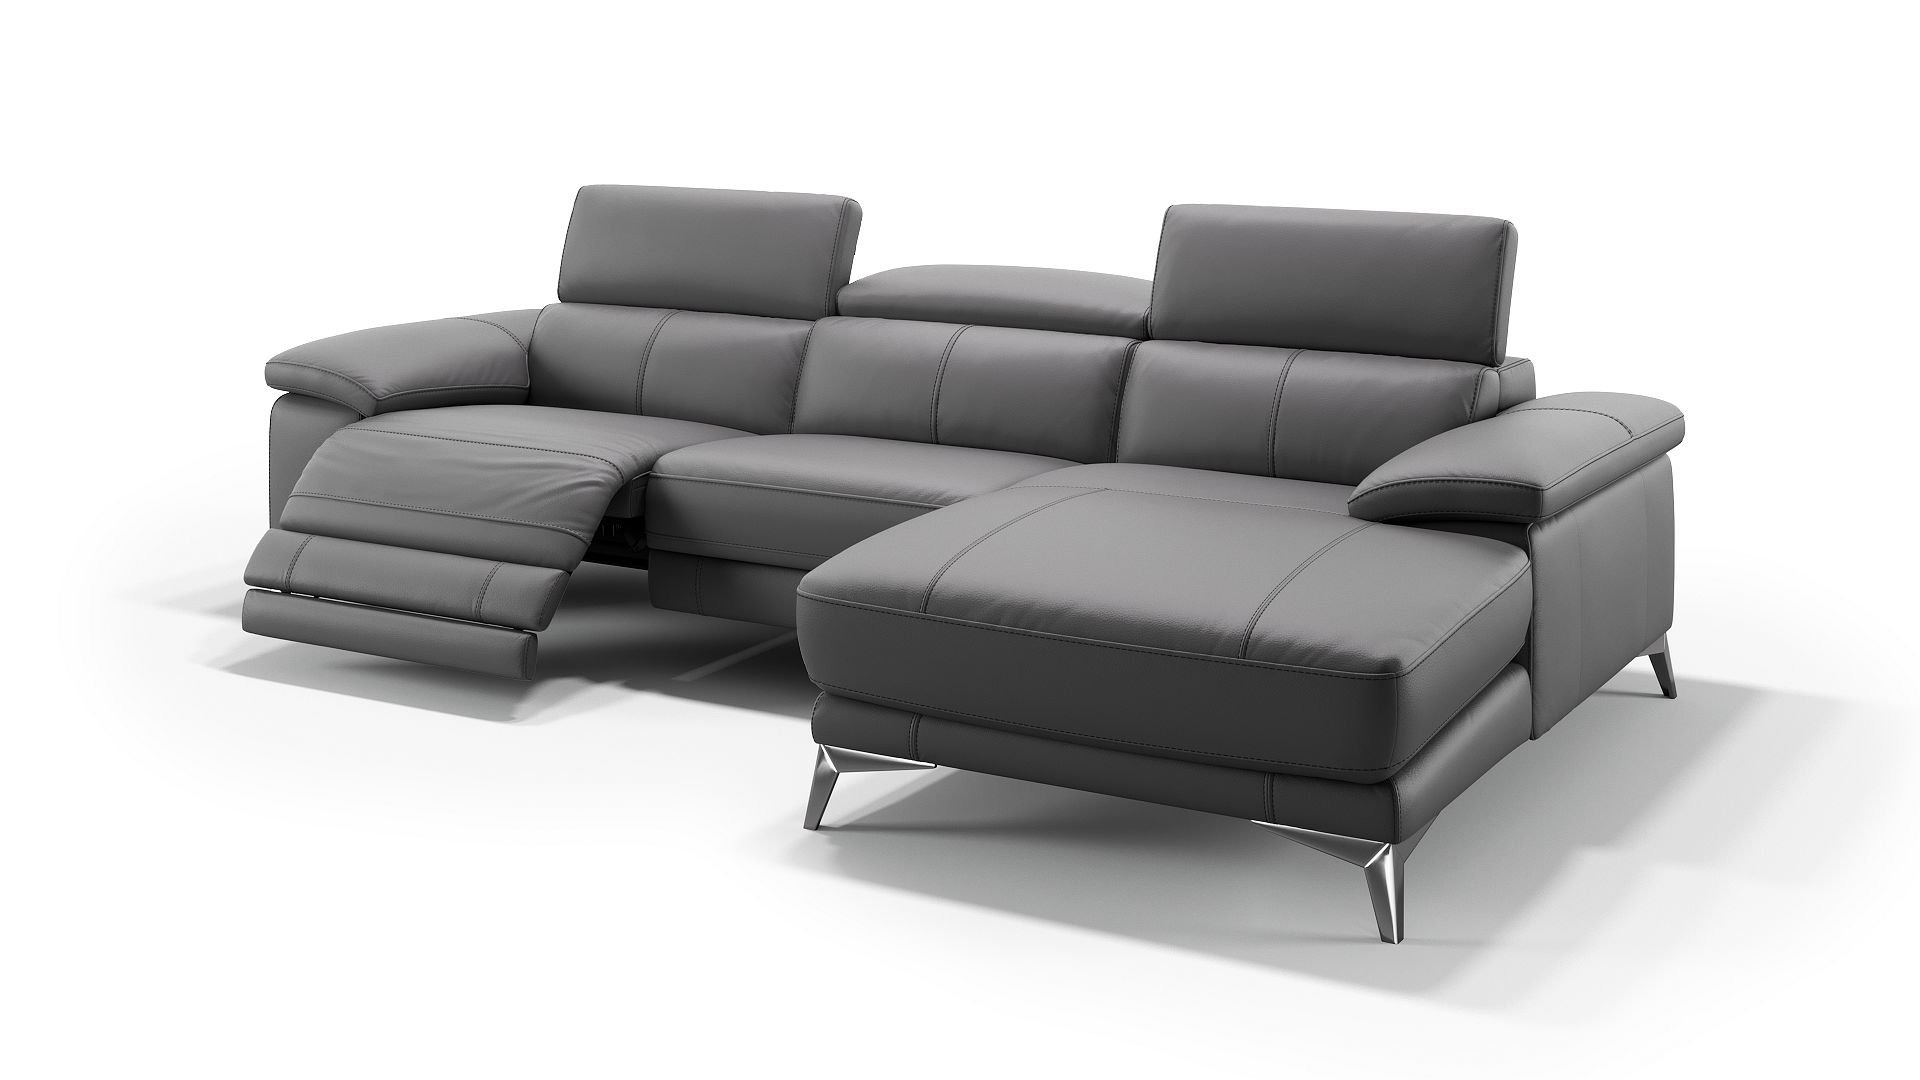 Großartig Ledercouch Schwarz Bestand An Wohndesign Design